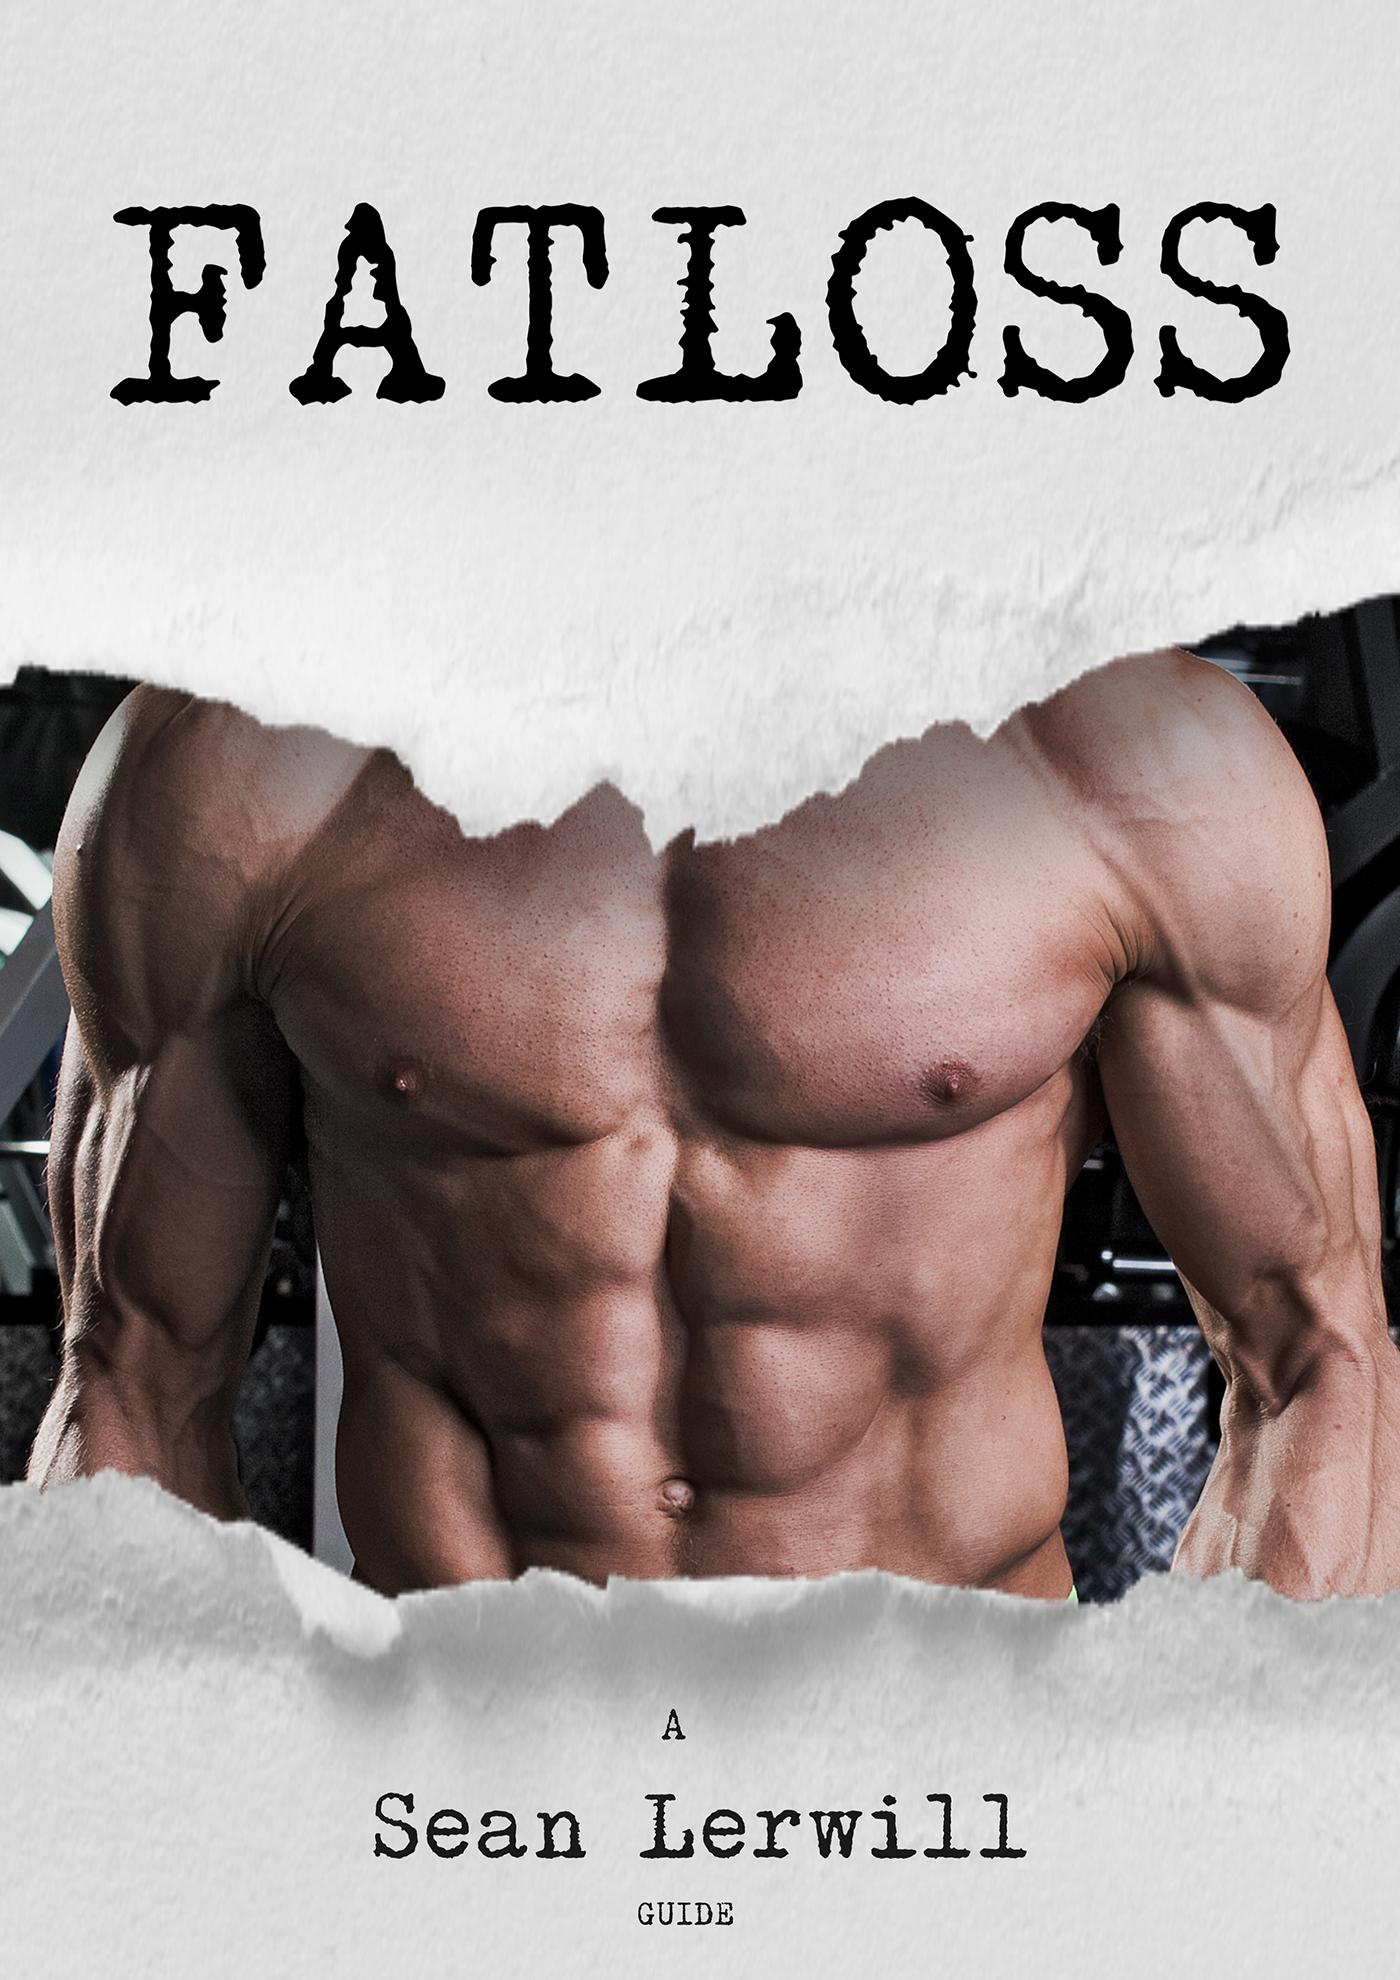 Sean Lerwill's Guide to Fatloss cover